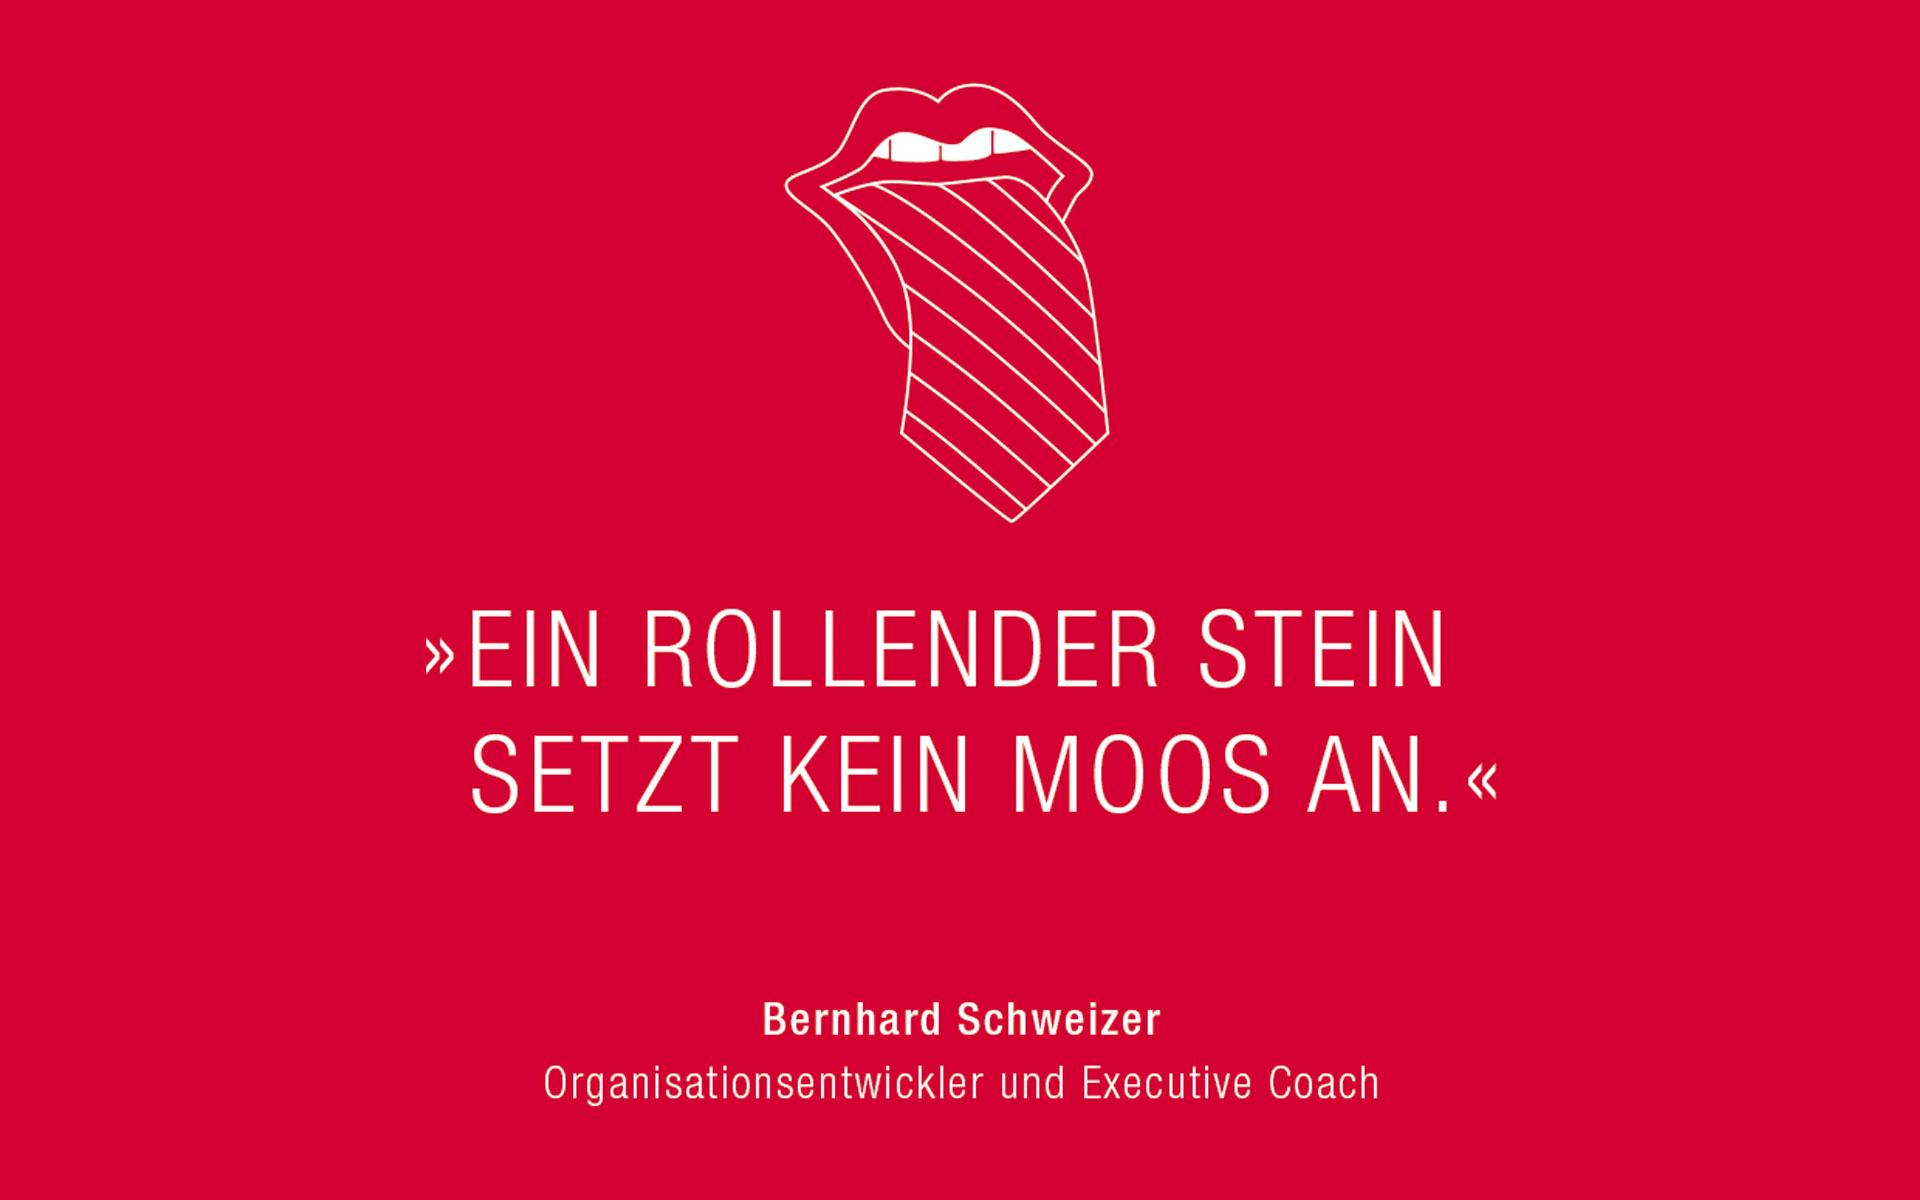 Bernhard Schweizer Postkarte